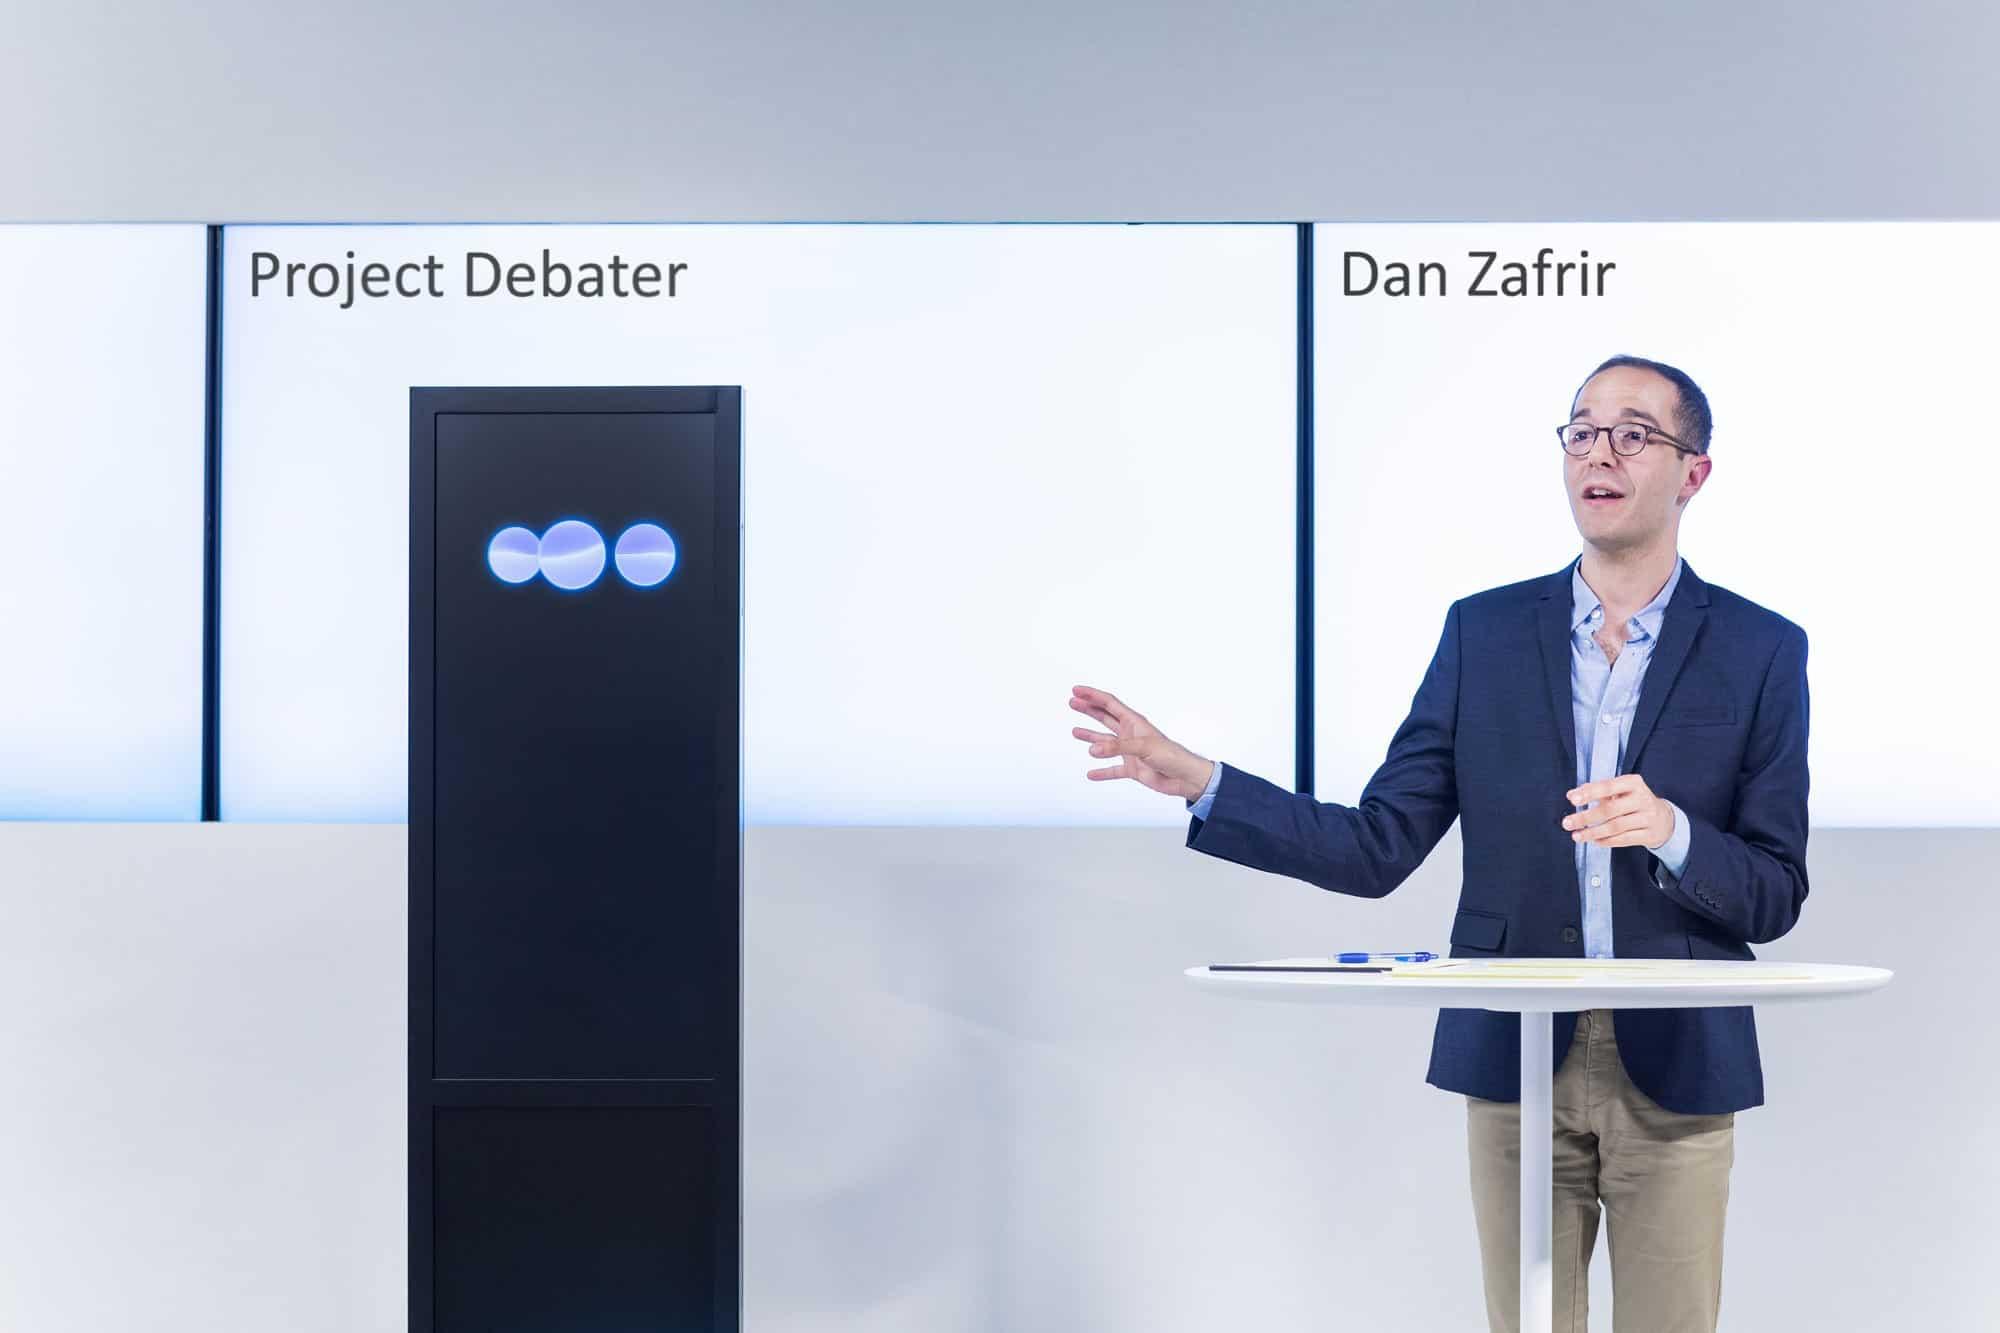 الذكاء الاصطناعي هذا قد يغلبك في نقاش، لكن دون أن يعلم ما يقول